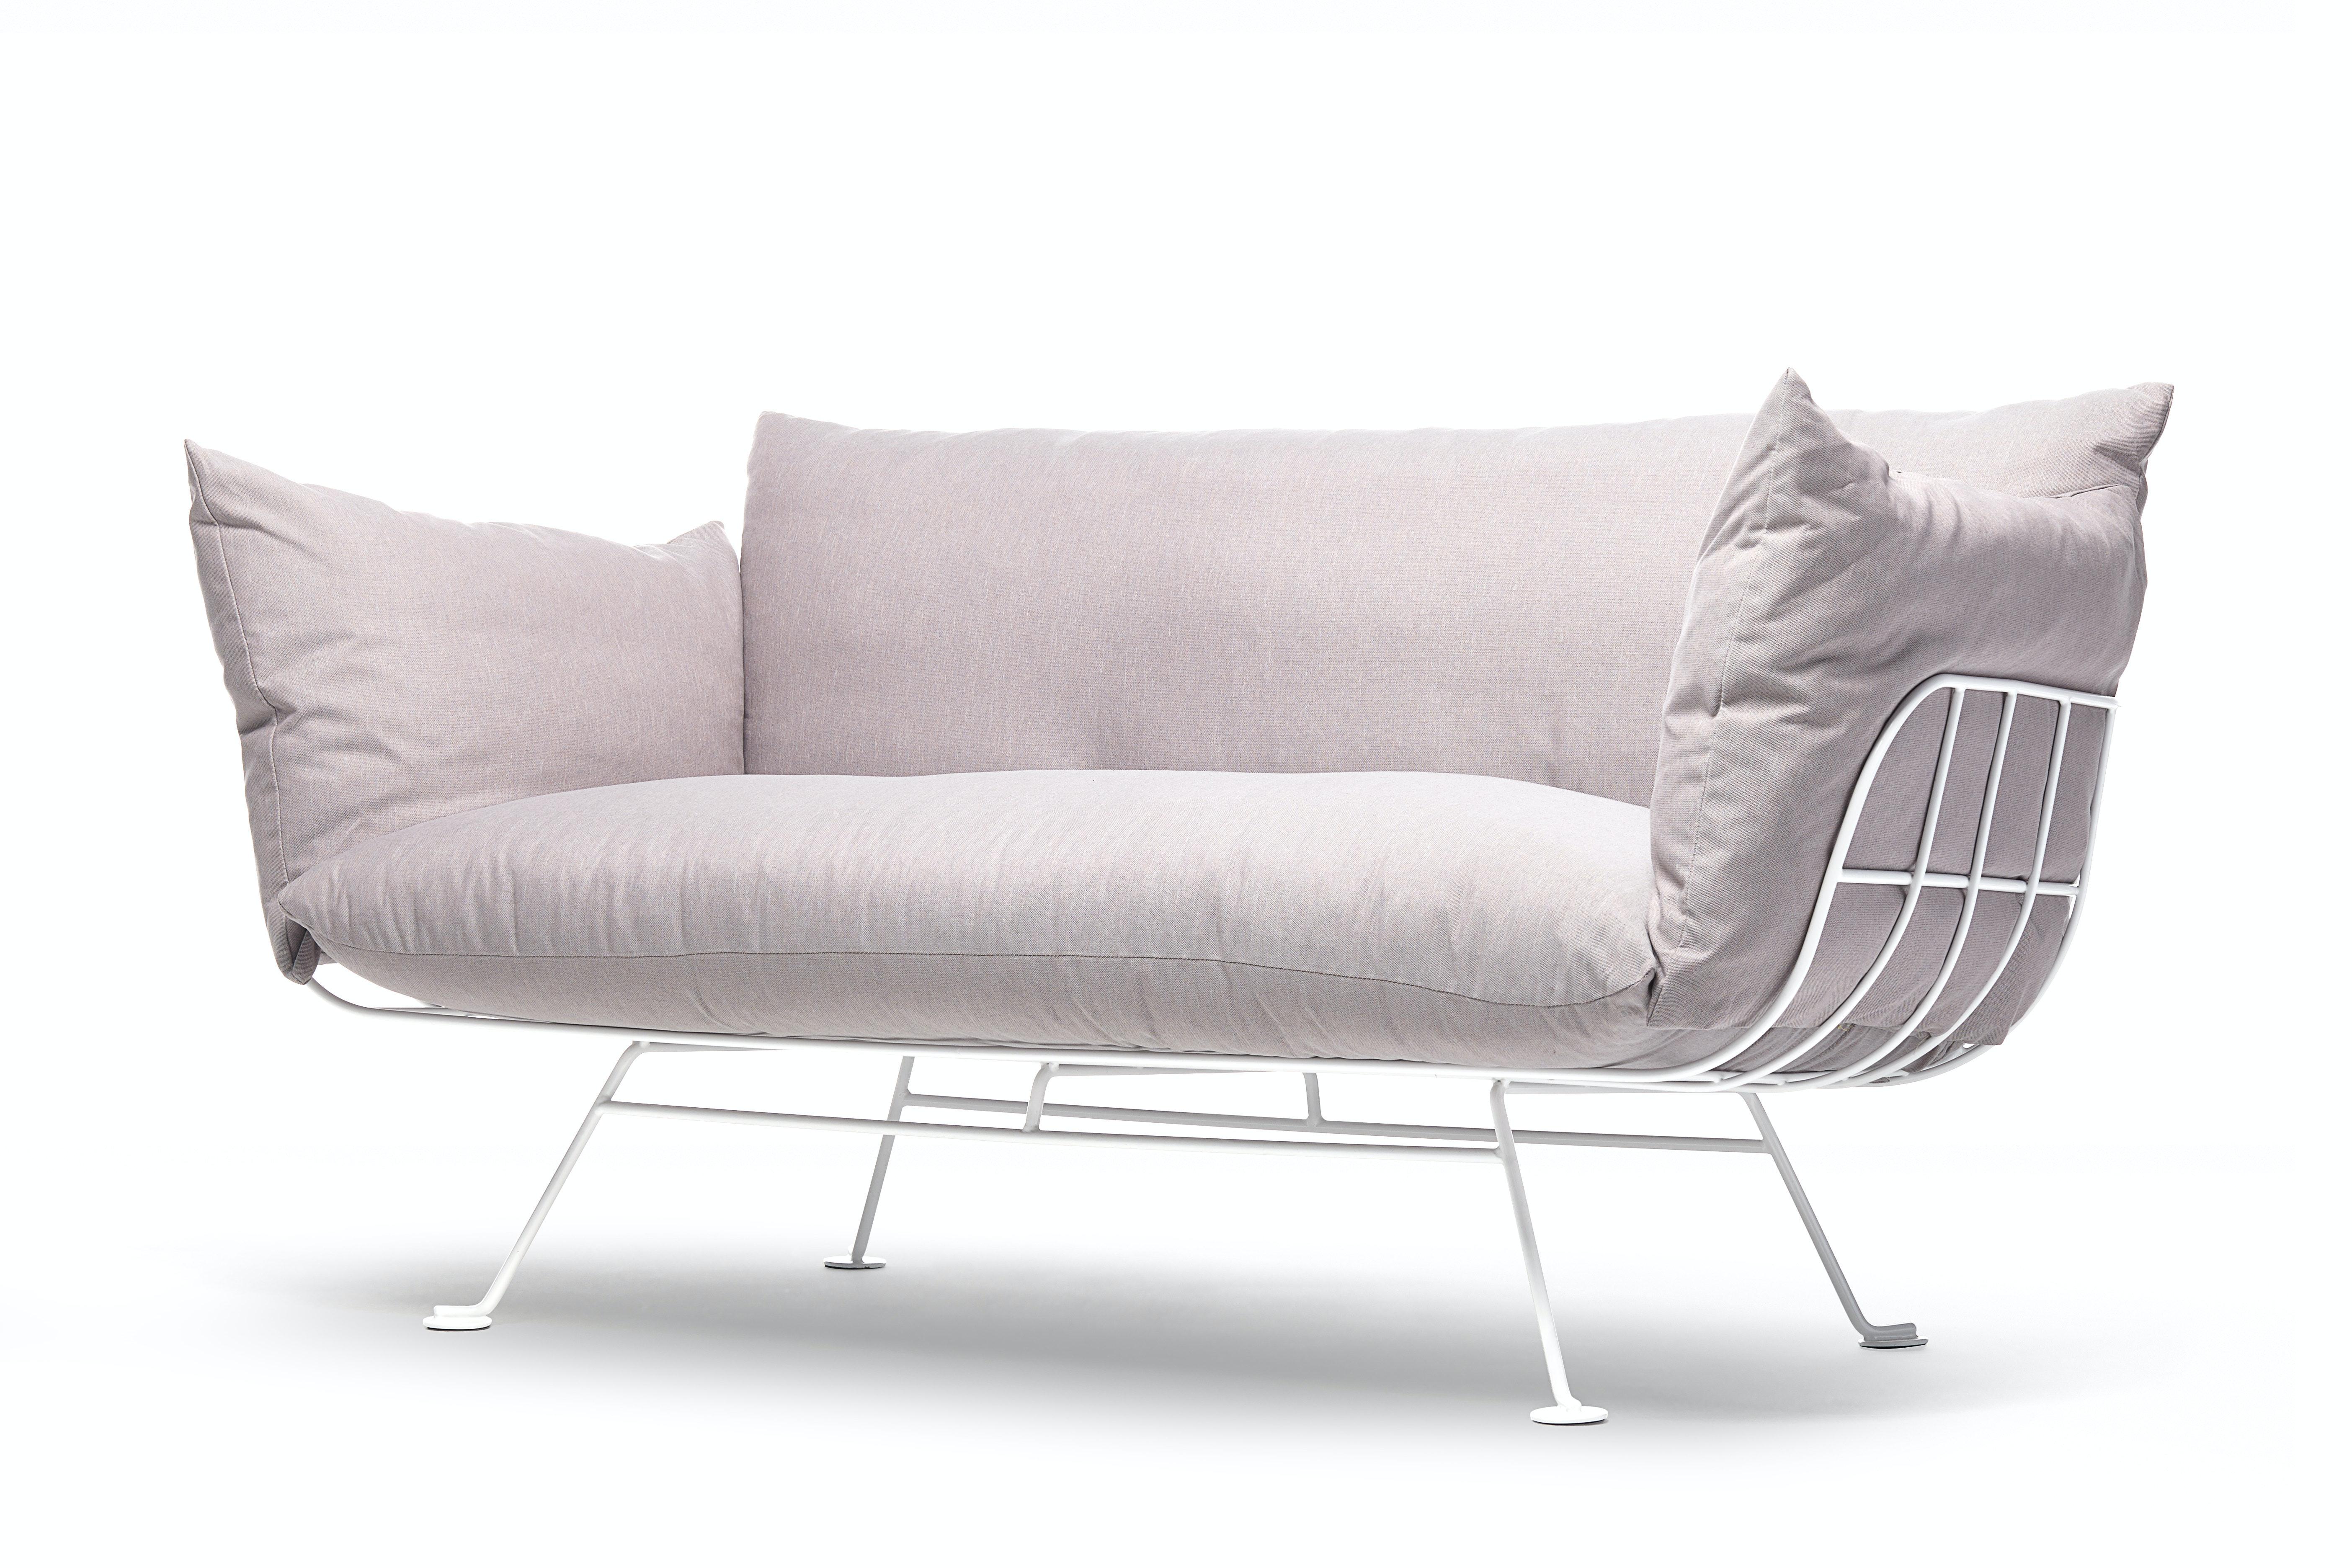 Nest Sofa White Alfresco 1 300Dpi Moooi